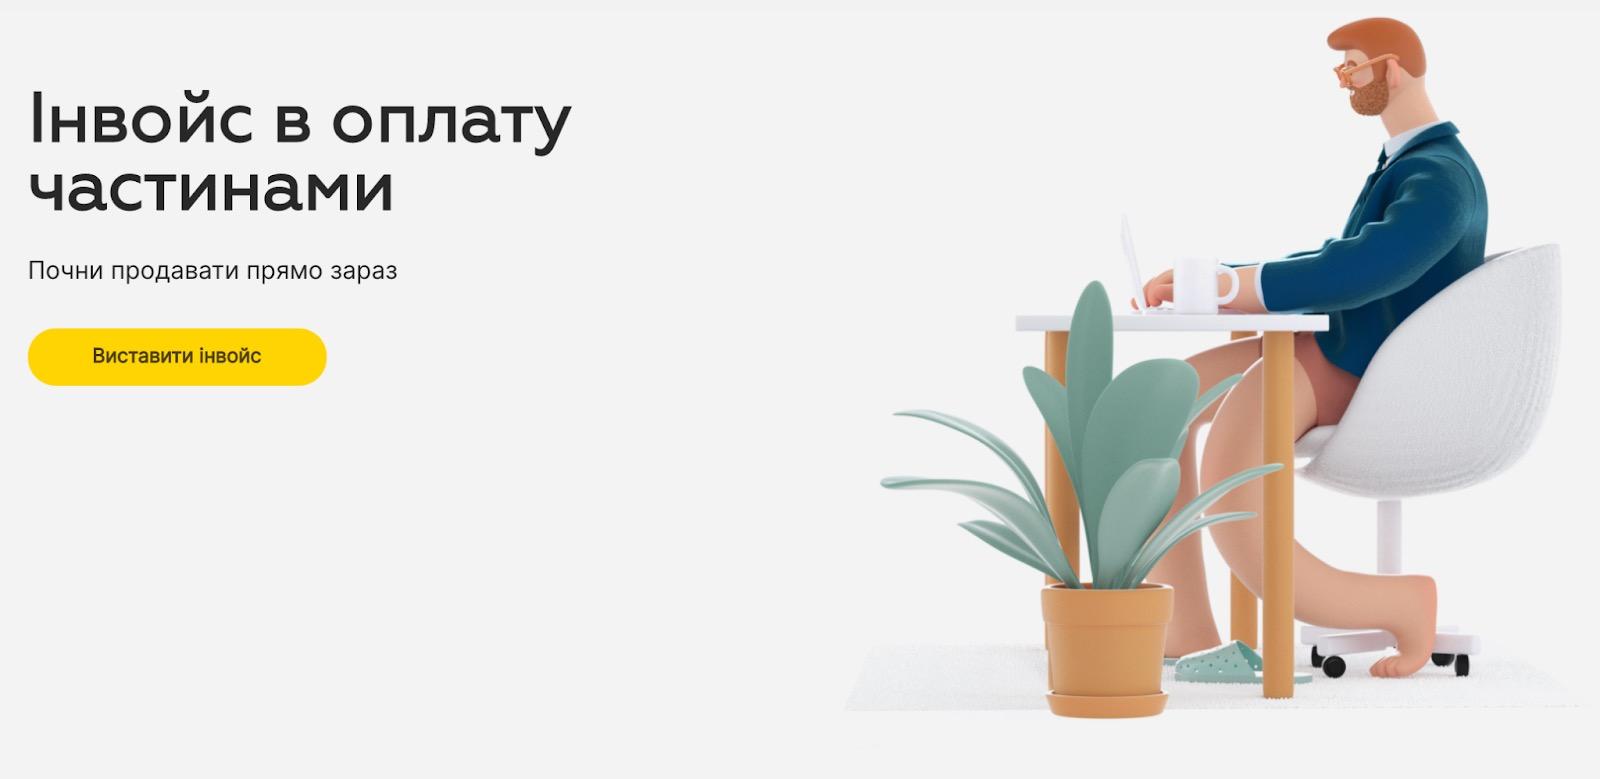 ПриватБанк запустив нову можливість в сервісі Інвойс в Оплату частями. Відтепер виставляти рахунок можна одразу у Приват24